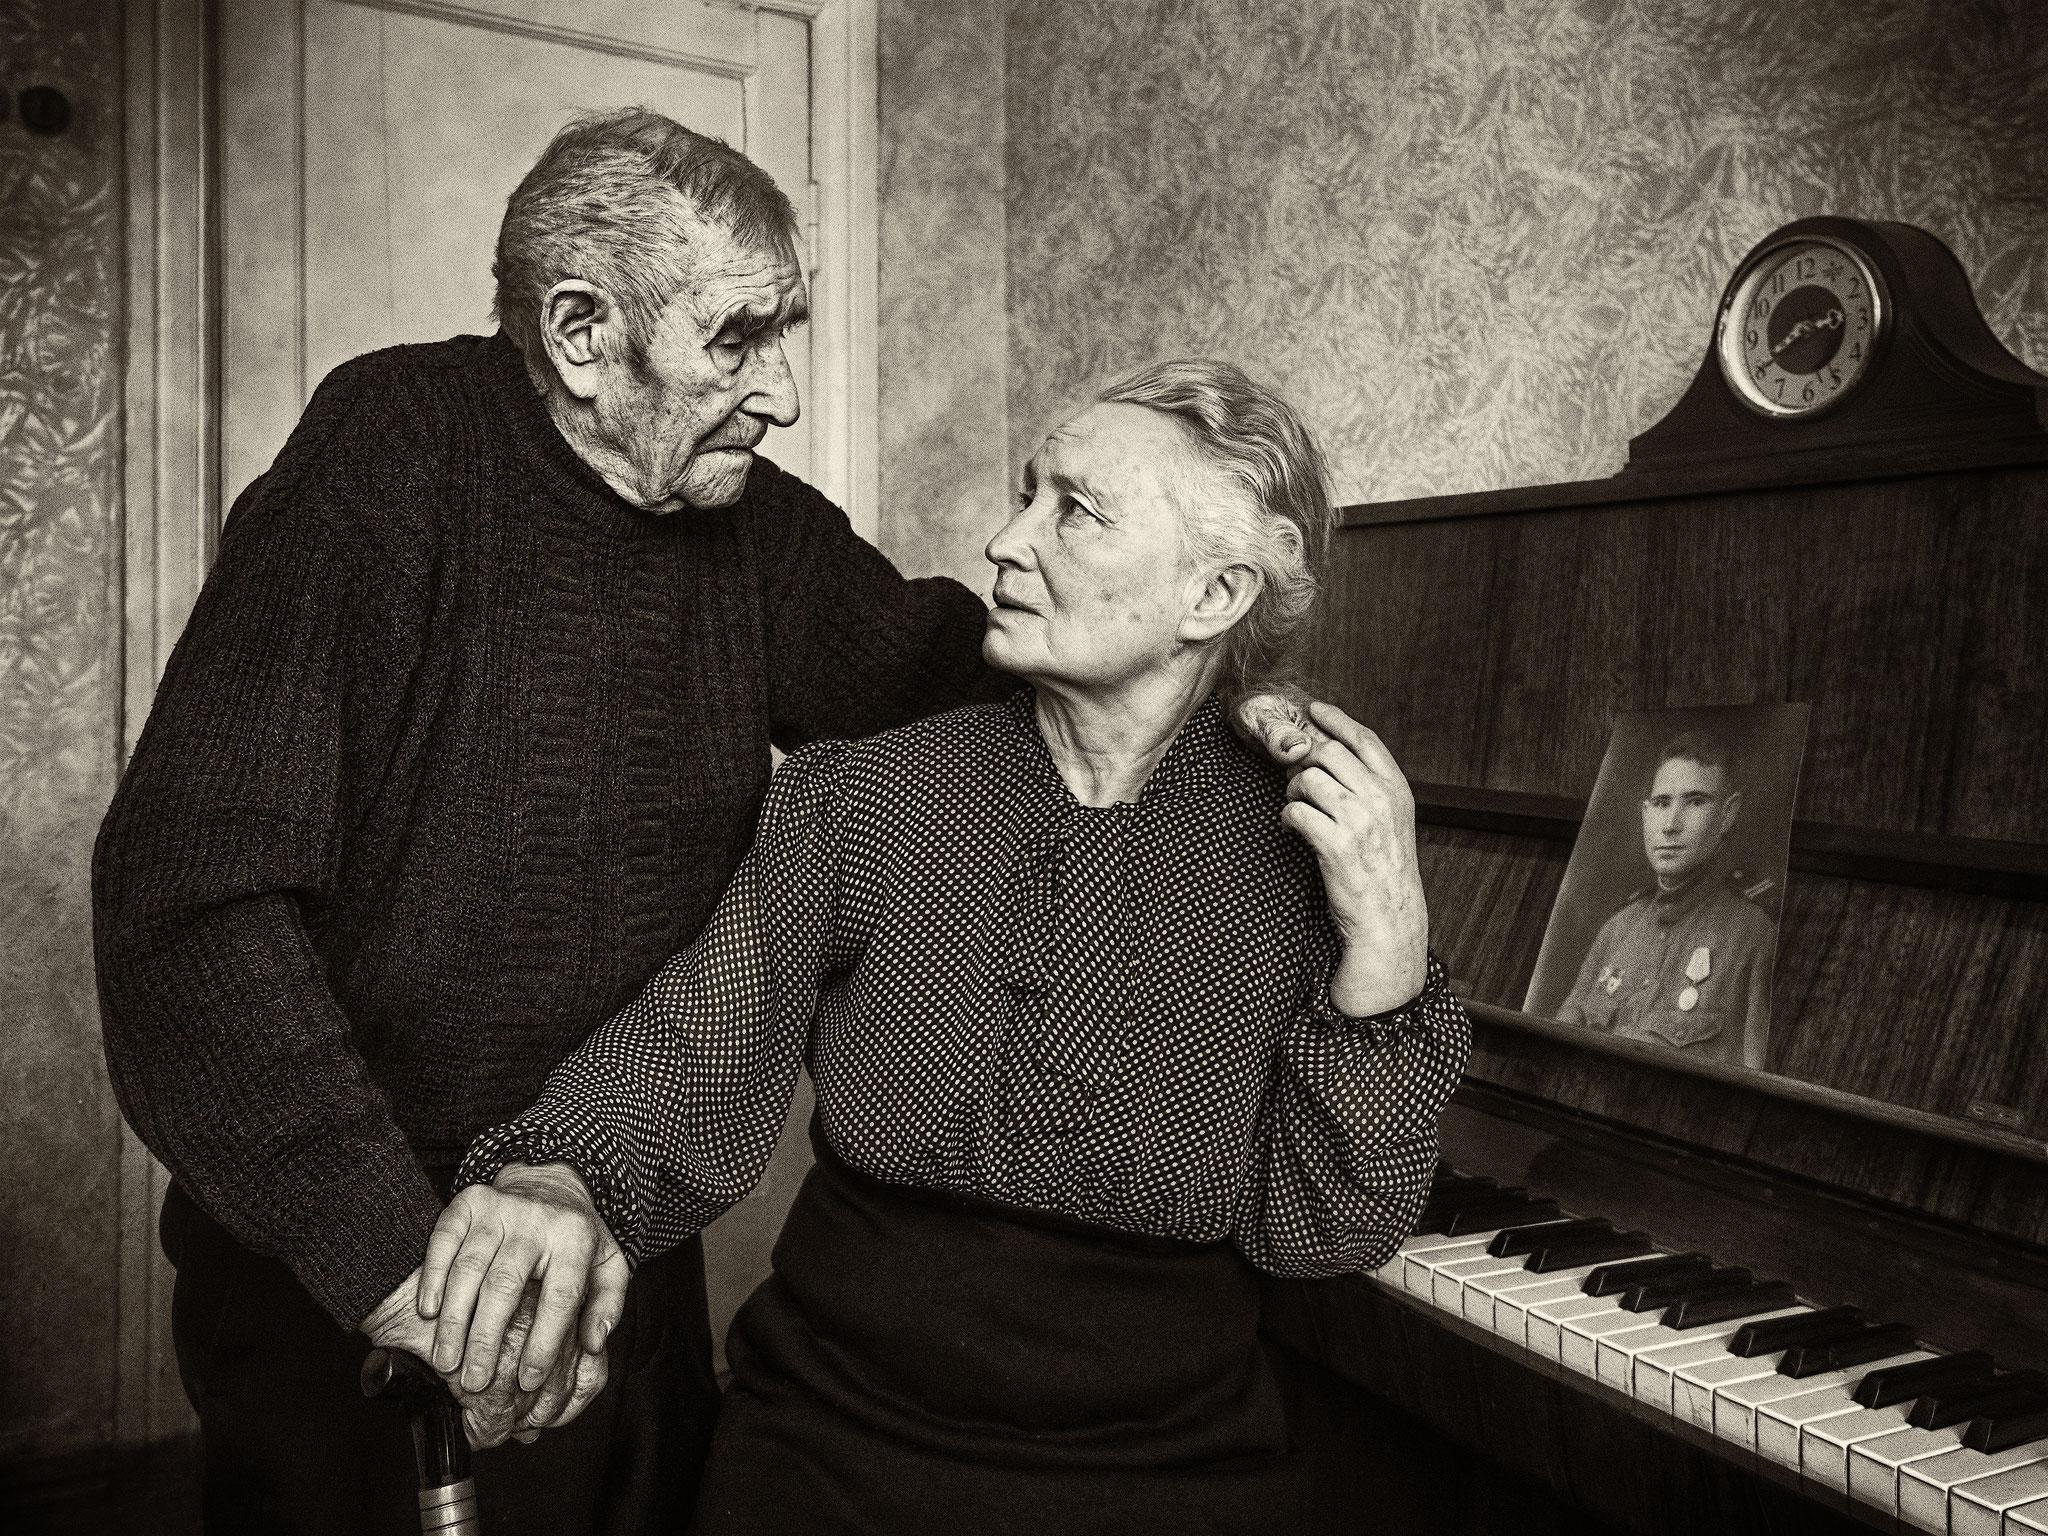 Smolnikov Andrey (Russia) - Father